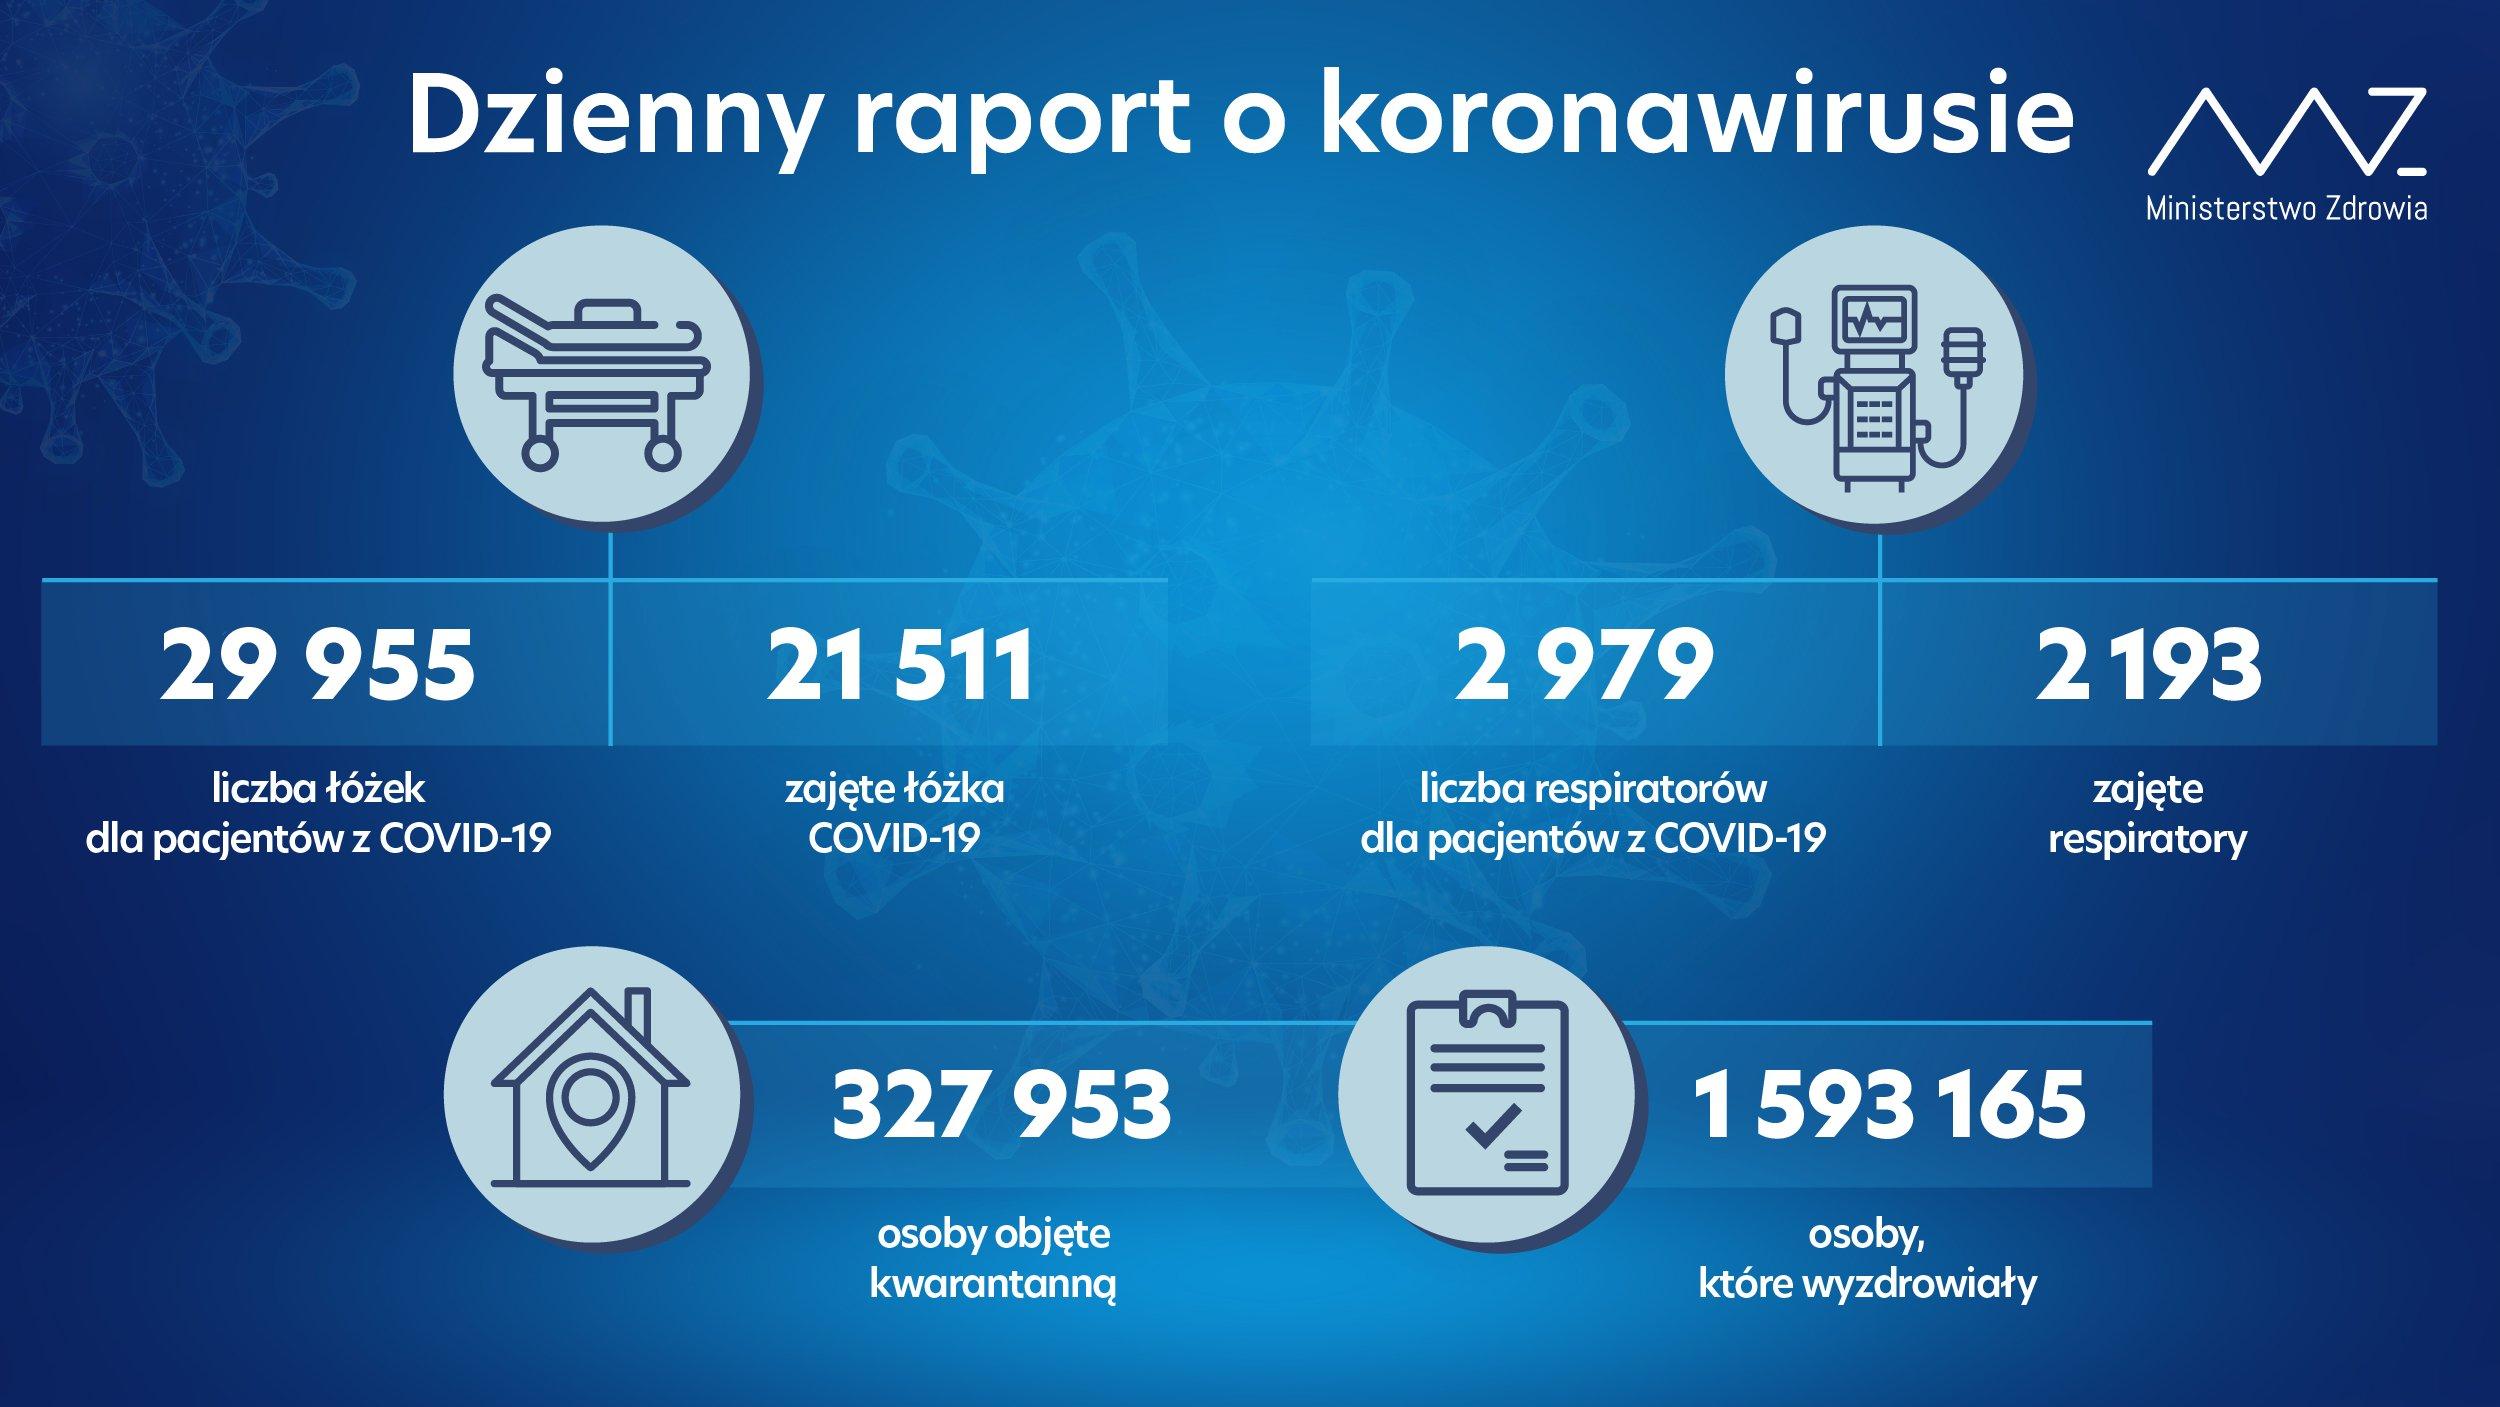 - liczba łóżek dla pacjentów z COVID-19: 29 955 - liczba łóżek zajętych: 21 511 - liczba respiratorów dla pacjentów z COVID-19: 2 979 - liczba zajętych respiratorów: 2 193 - liczba osób objętych kwarantanną: 327 953 - liczba osób, które wyzdrowiały: 1 593 165